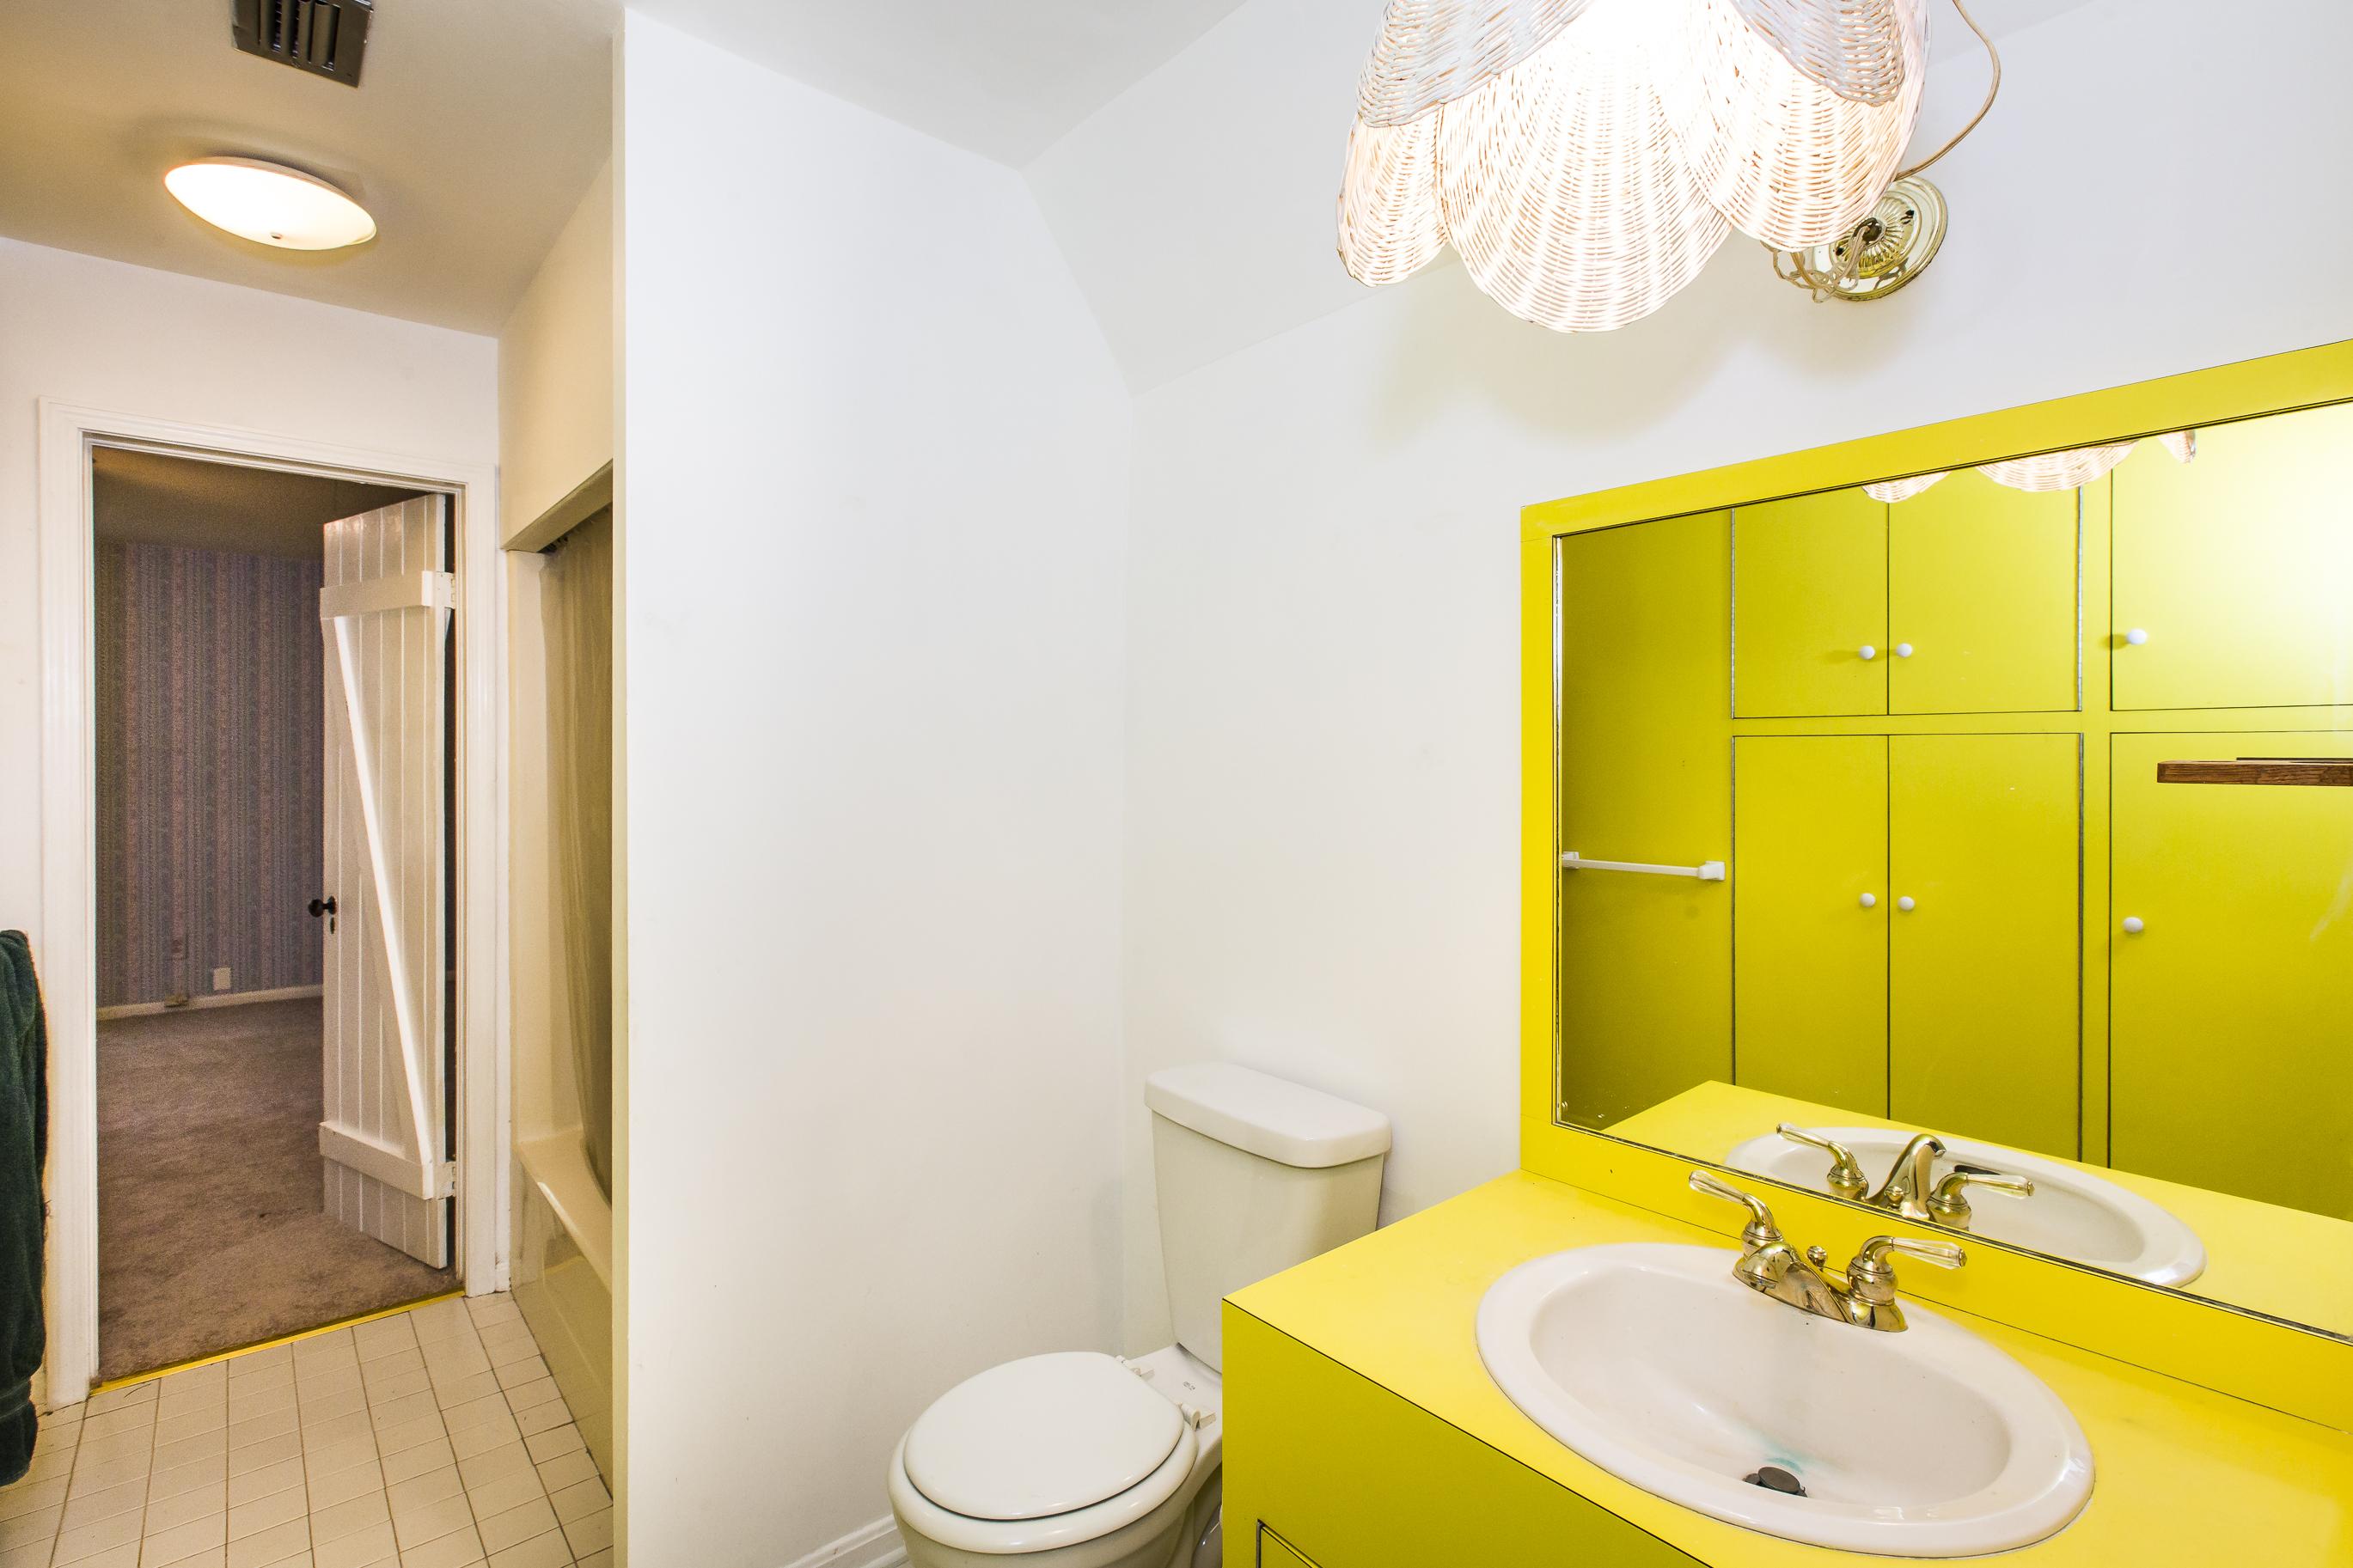 052_Jack & Jill Bathroom